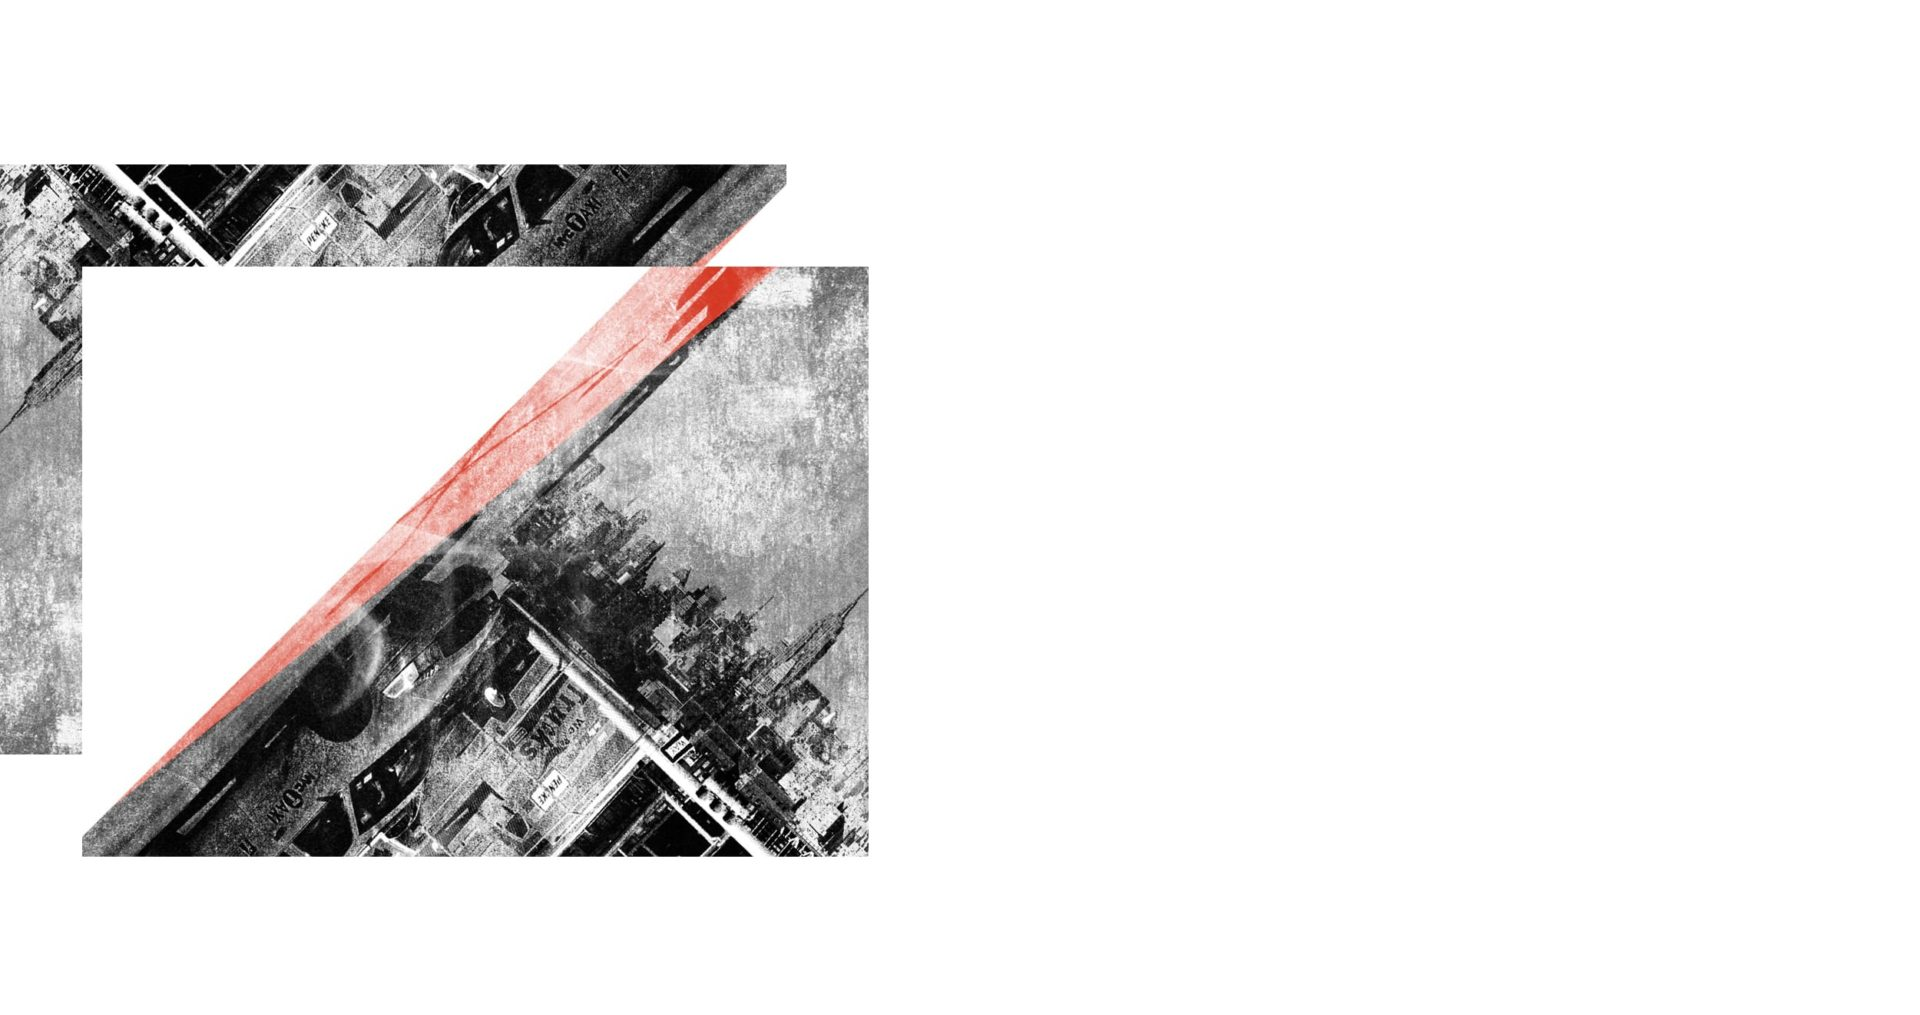 VALENCE SOUNDFRAME Q 03 min